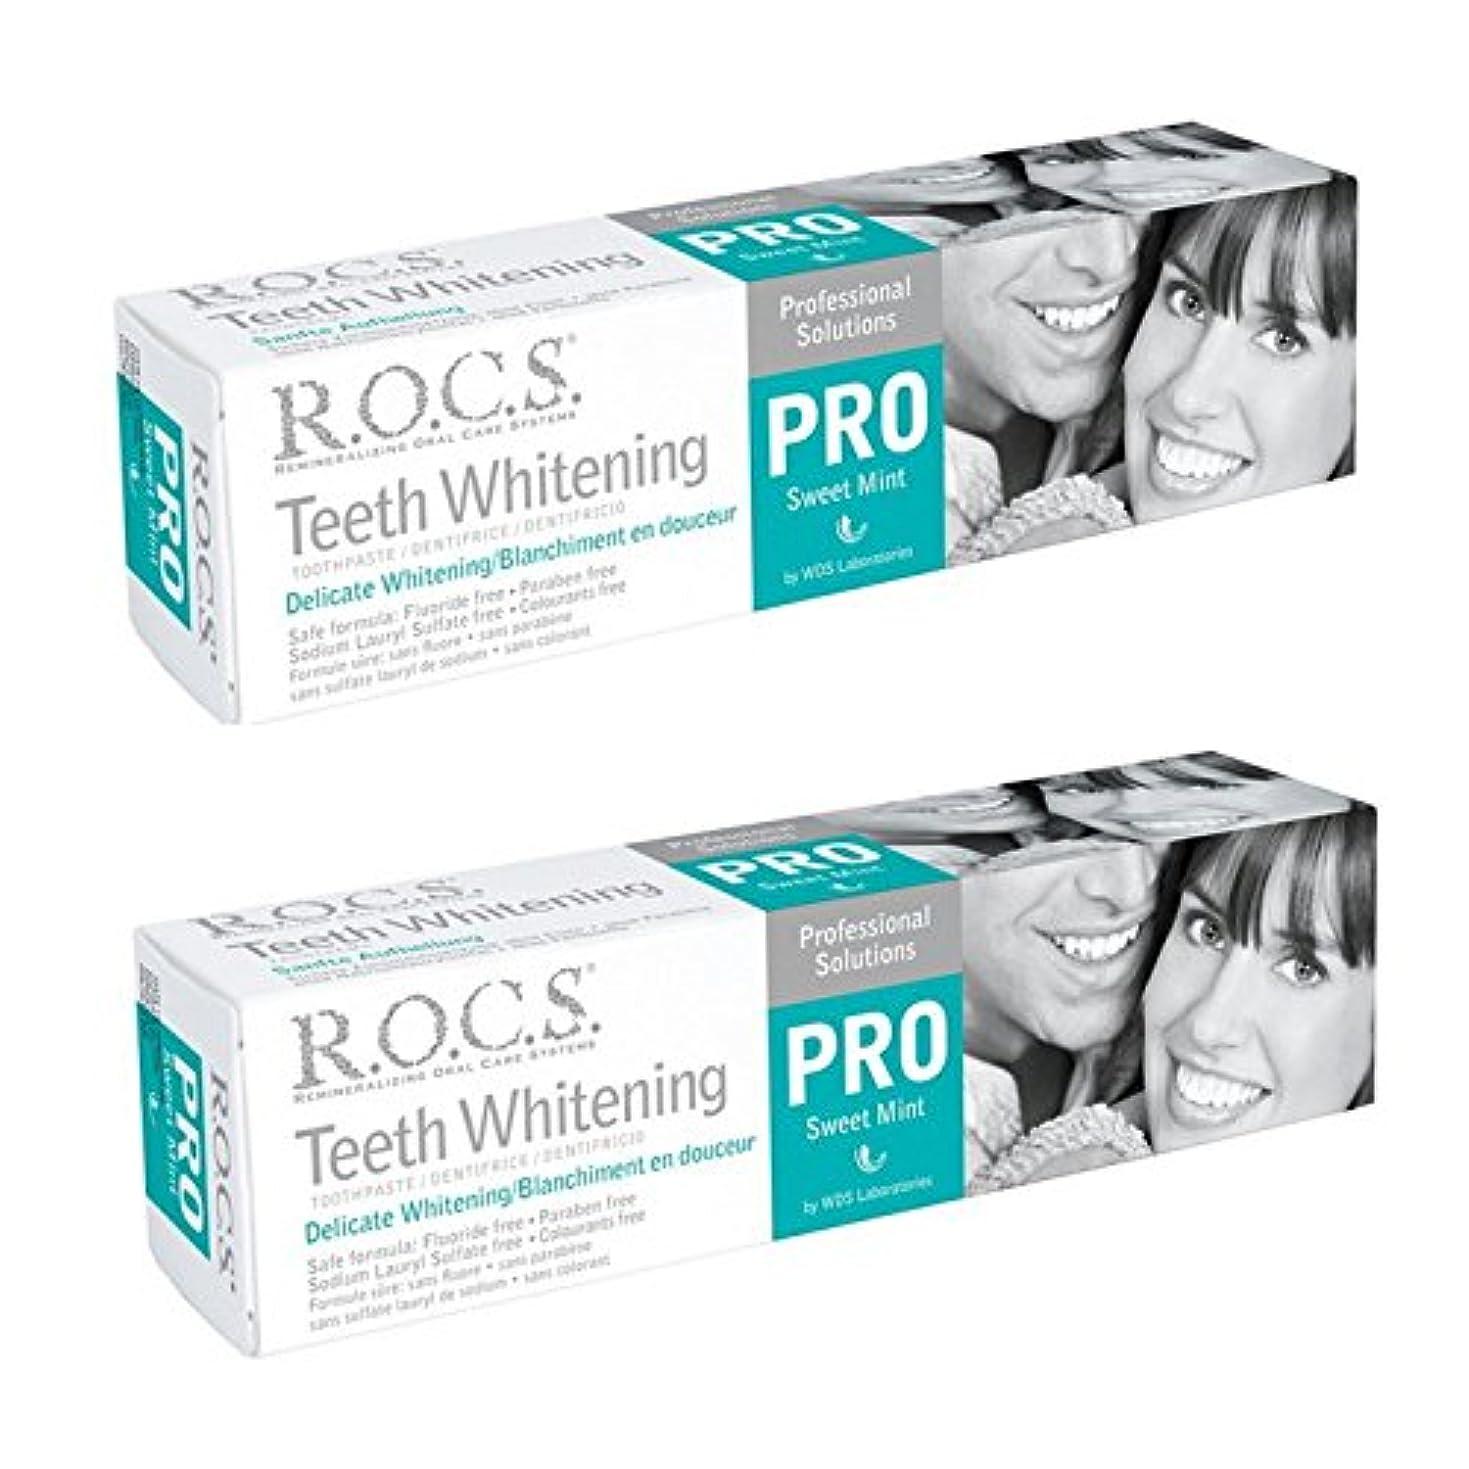 R.O.C.S.(ロックス) プロ デリケート ホワイトニング スイートミント (2箱セット)